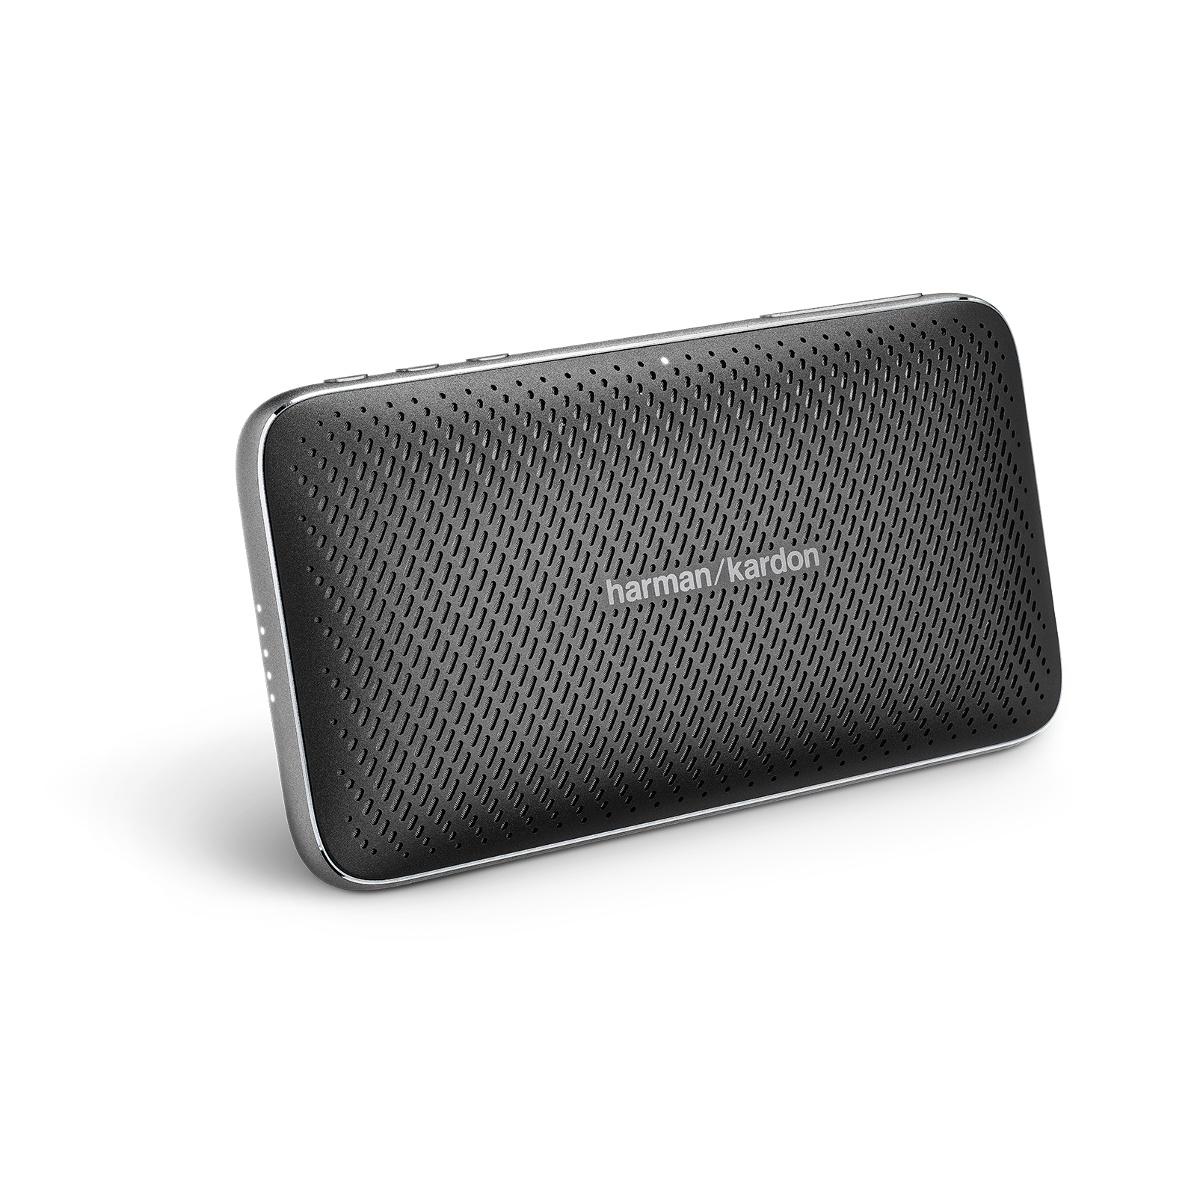 цены Беспроводная портативная акустическая система Harman/Kardon Esquire Mini 2 черная (1/6)